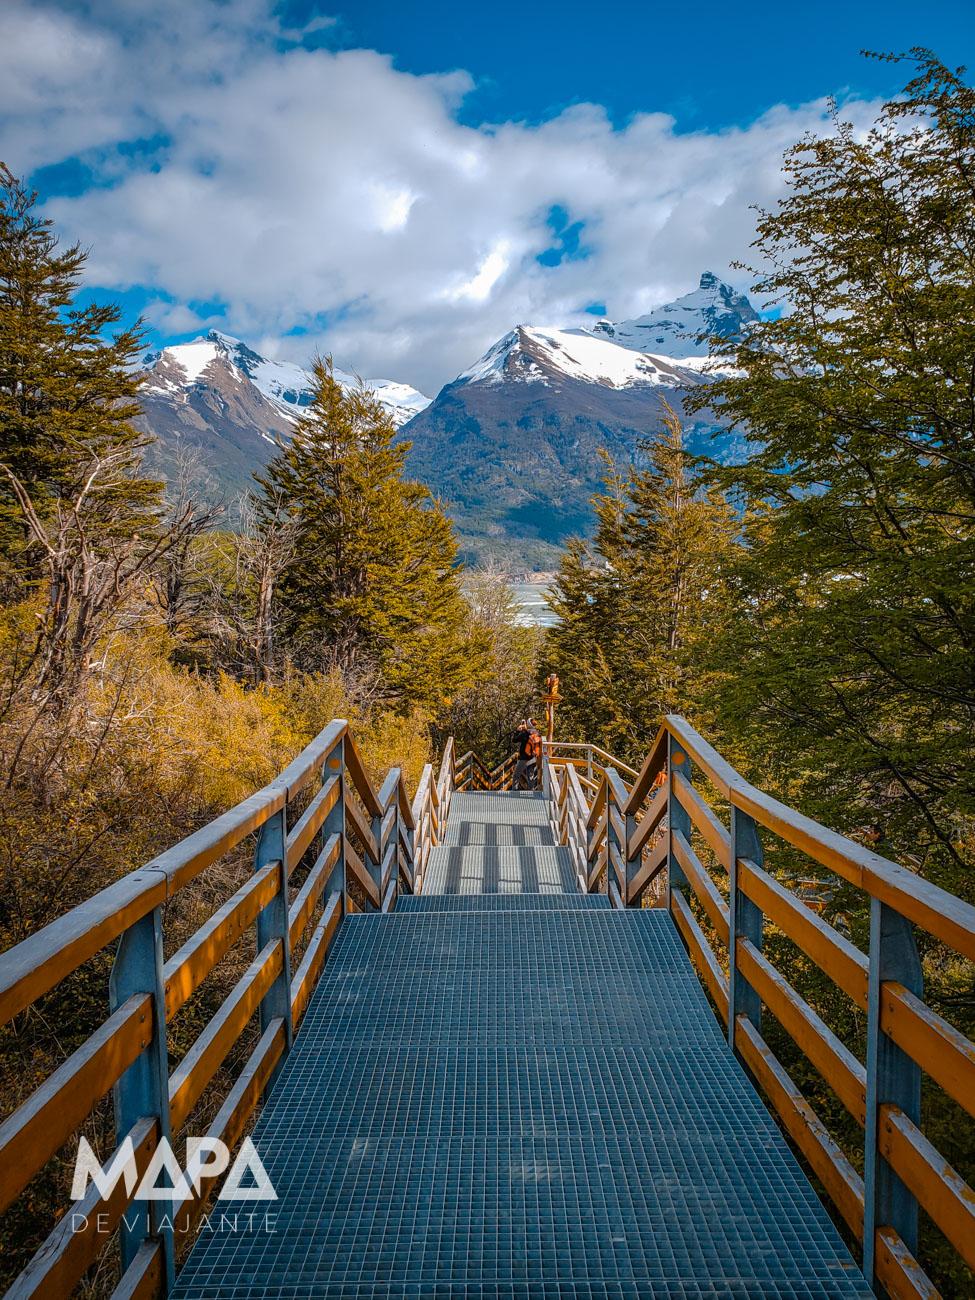 Mapa de Viajante: Passarelas do Parque Los Glaciares